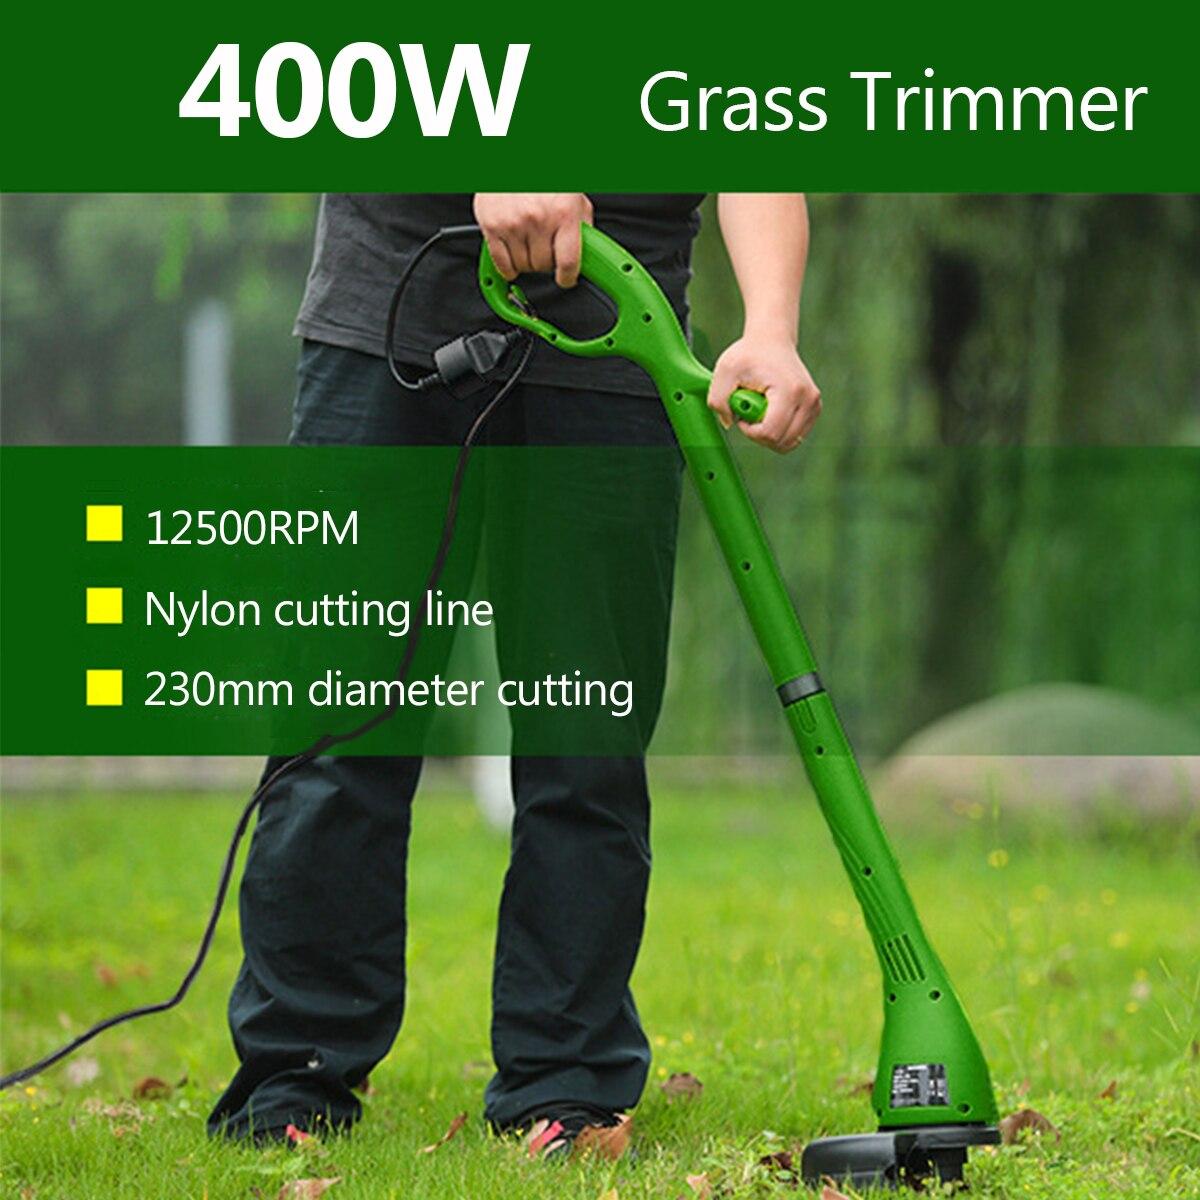 400W Electric Grass Trimmer Strimmer Cutter Lawn Mower Garden Heavy Duty 230mm Cutting Home Garden Grass Cutter Pruning Trimmer цена